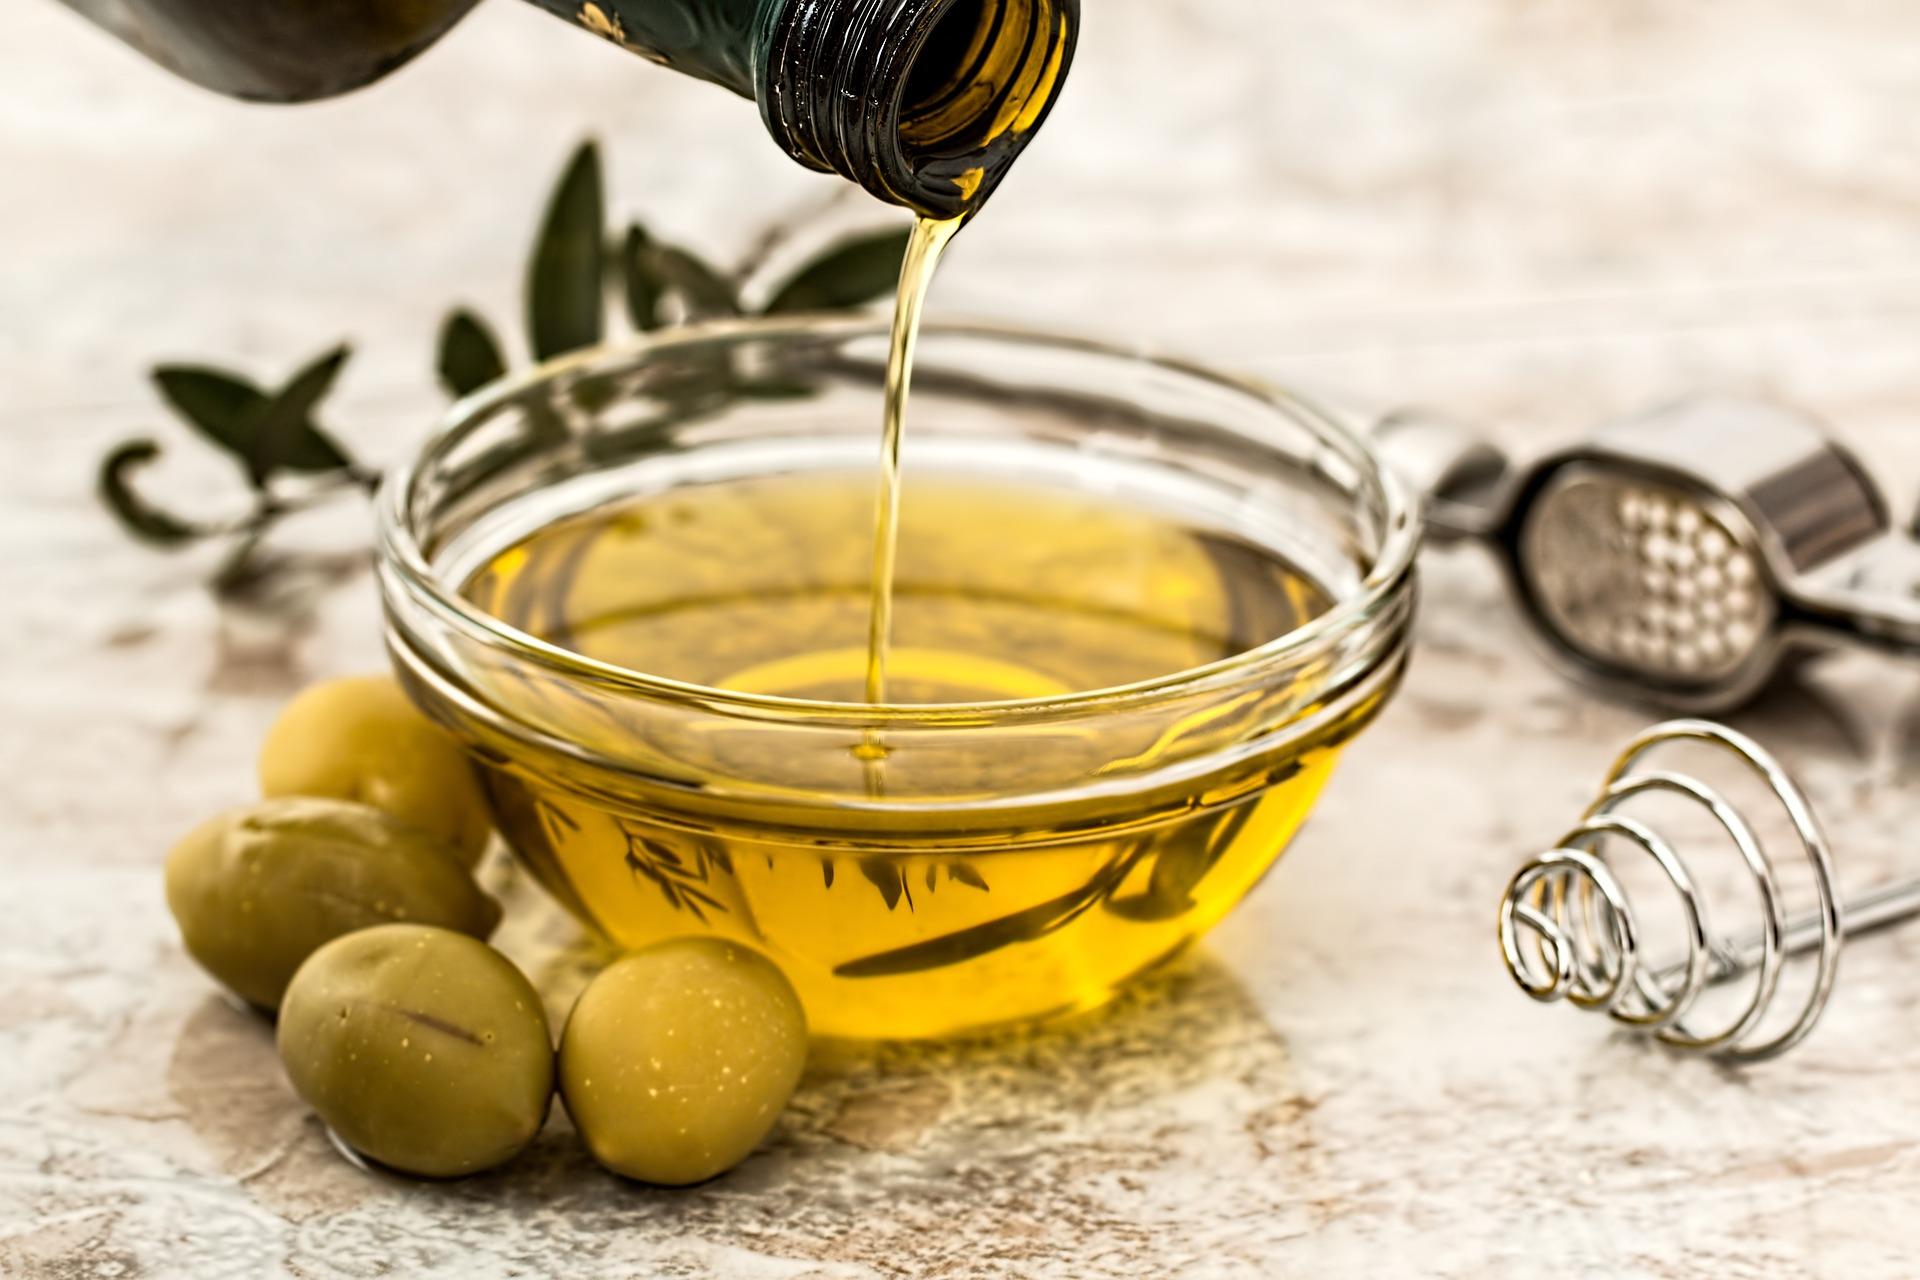 90 Prozent der Oliven werden zu Öl verarbeitet. Foto: pixabay